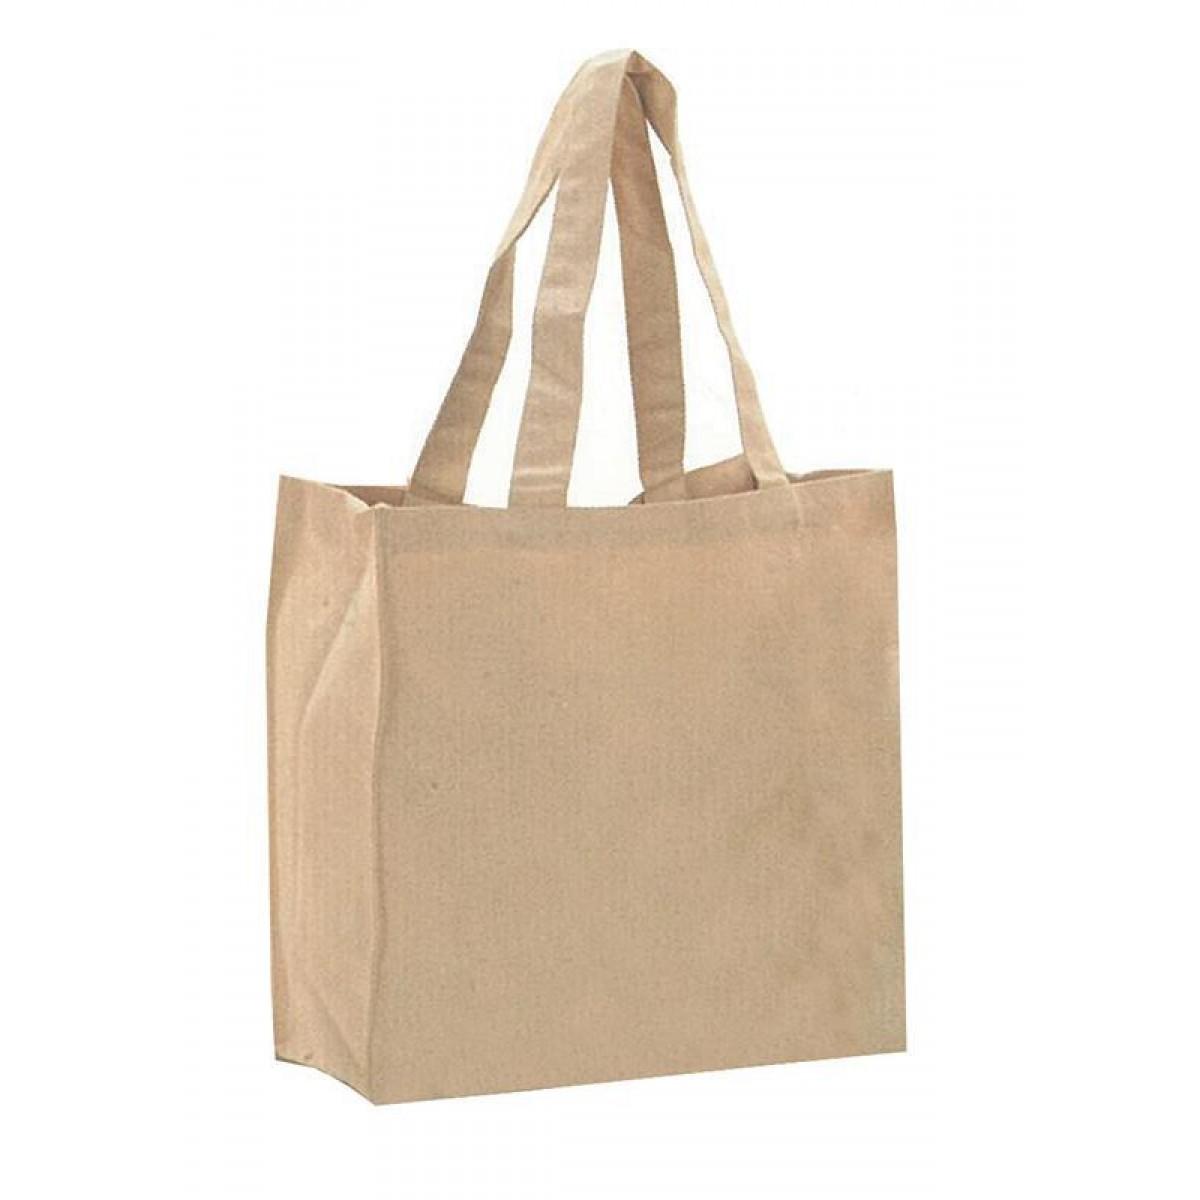 Τσάντα Βαμβακερή Με Μακρύ Χερούλι Υ38x44x14εκ. Είδη Ζωγραφικής